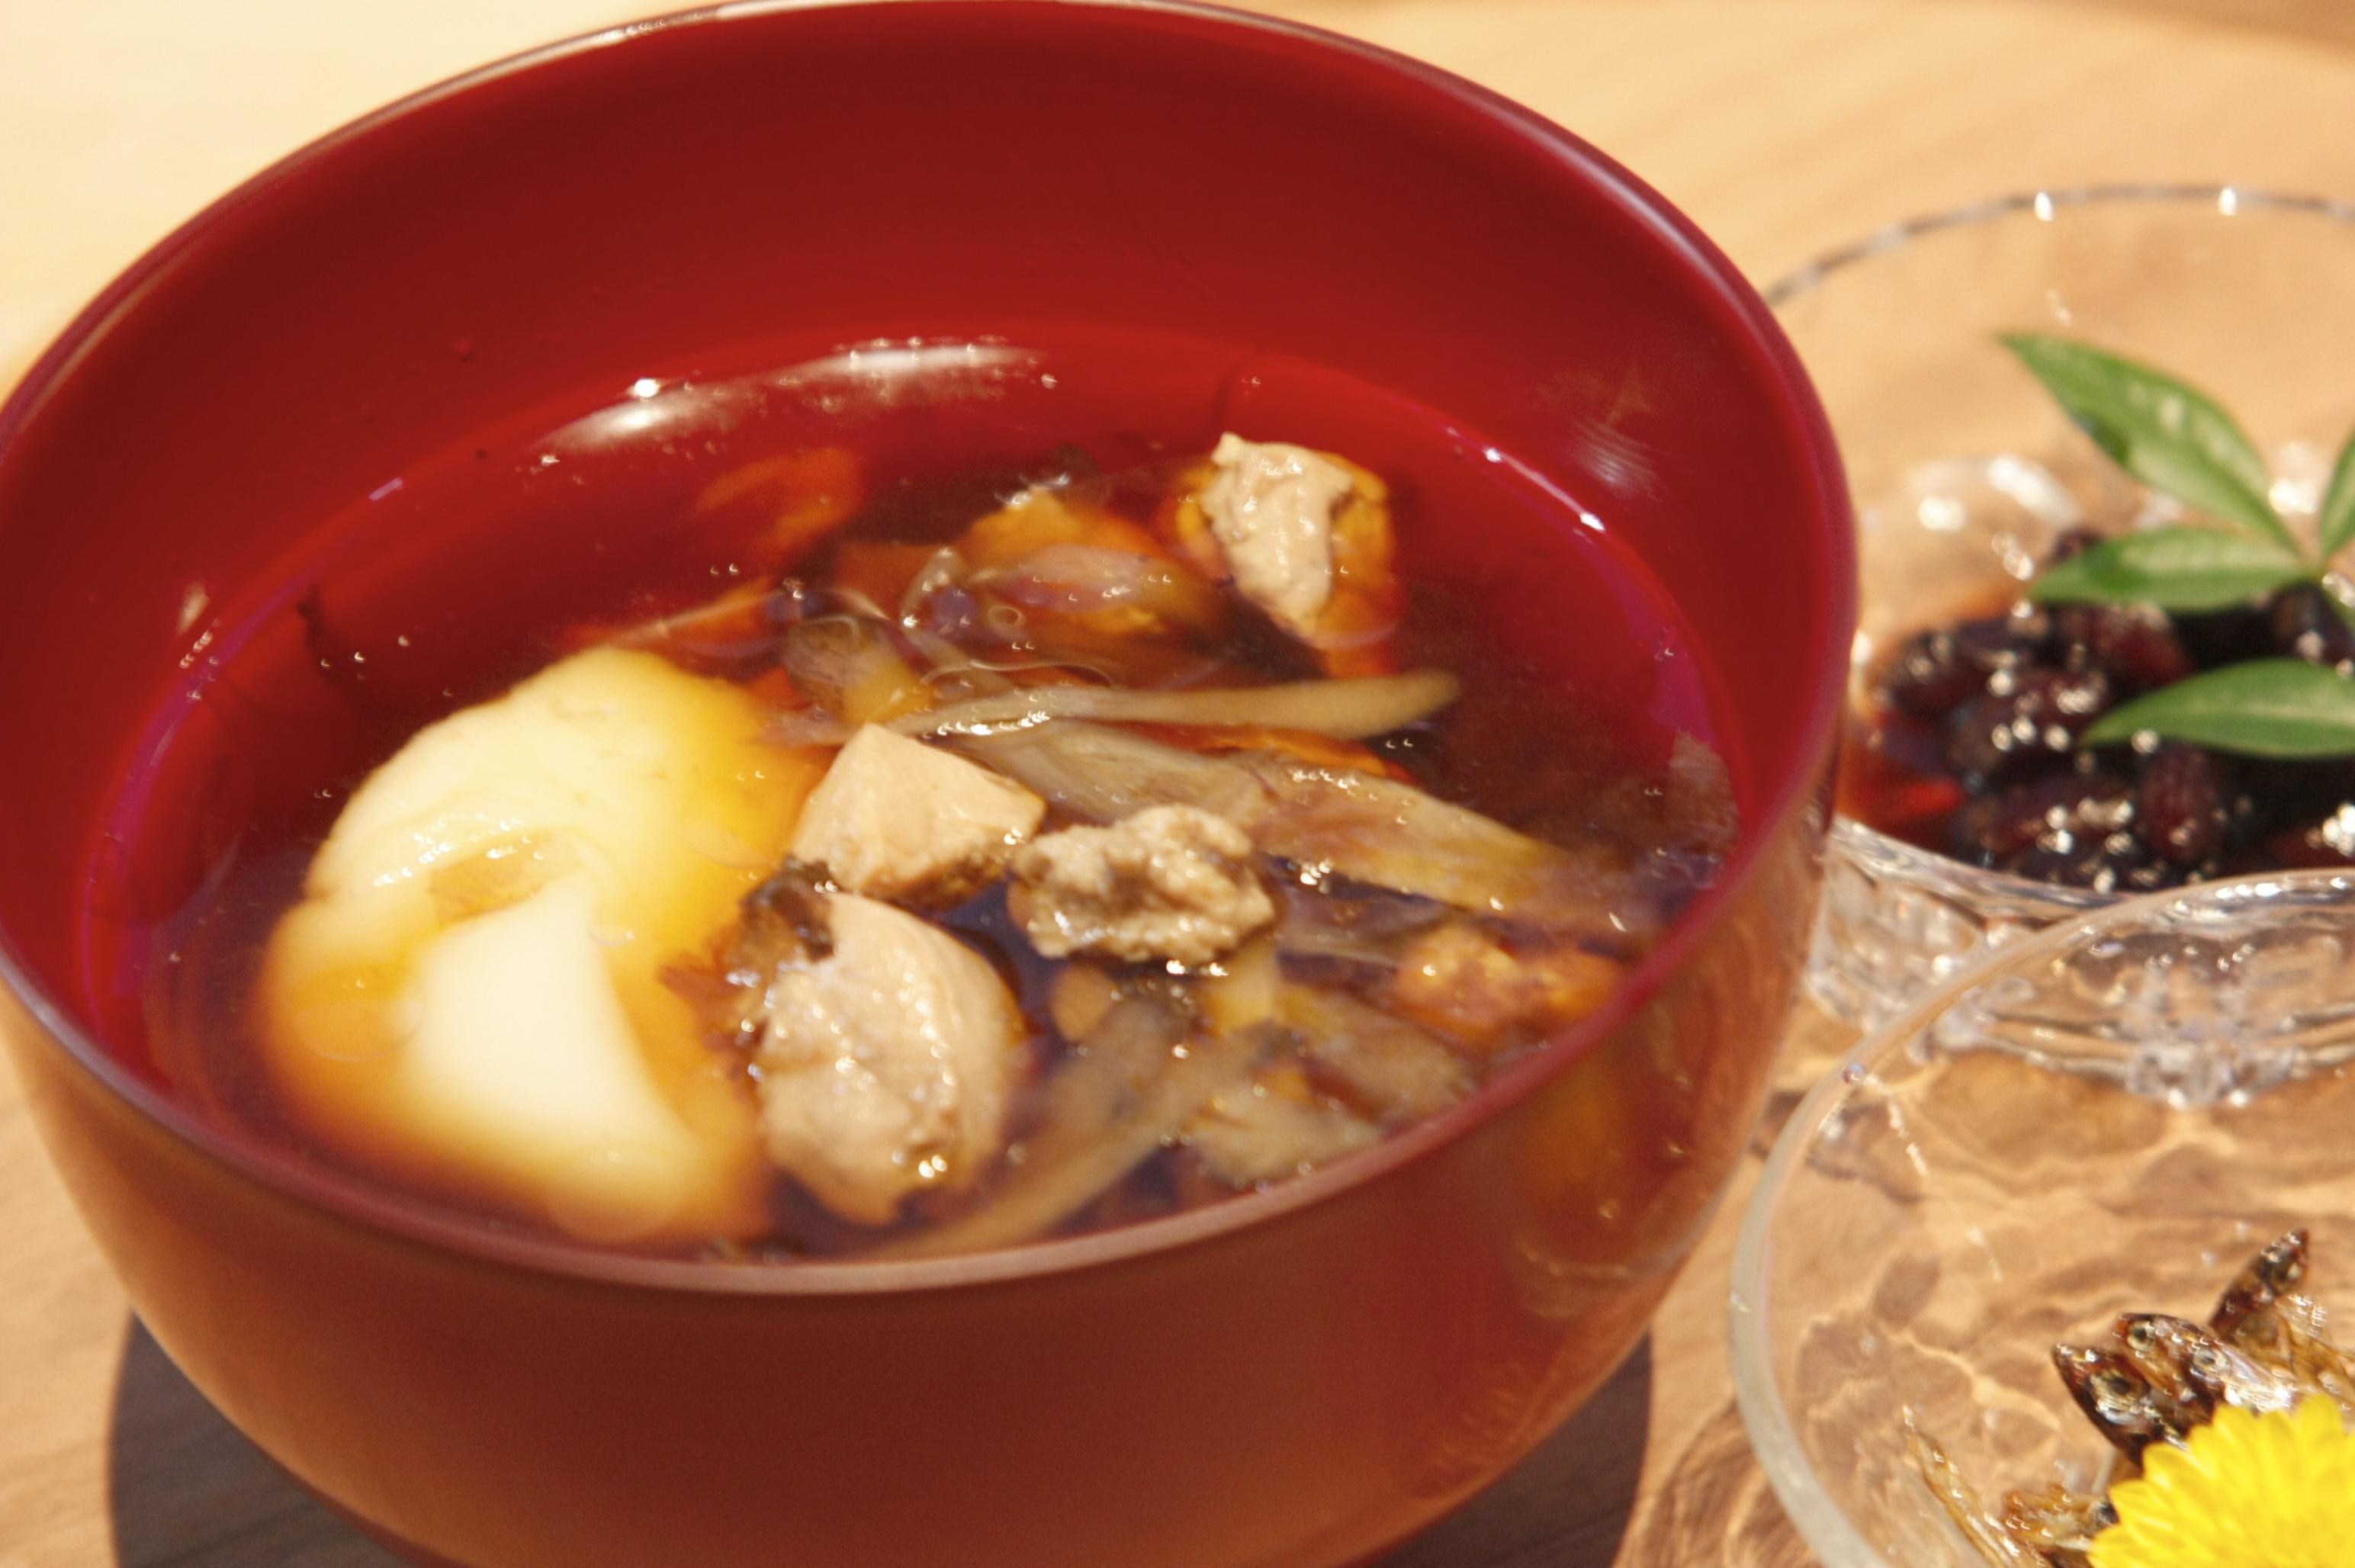 お正月にぜひ食べたい!すぐに作れるお雑煮のレシピを大公開☆のサムネイル画像